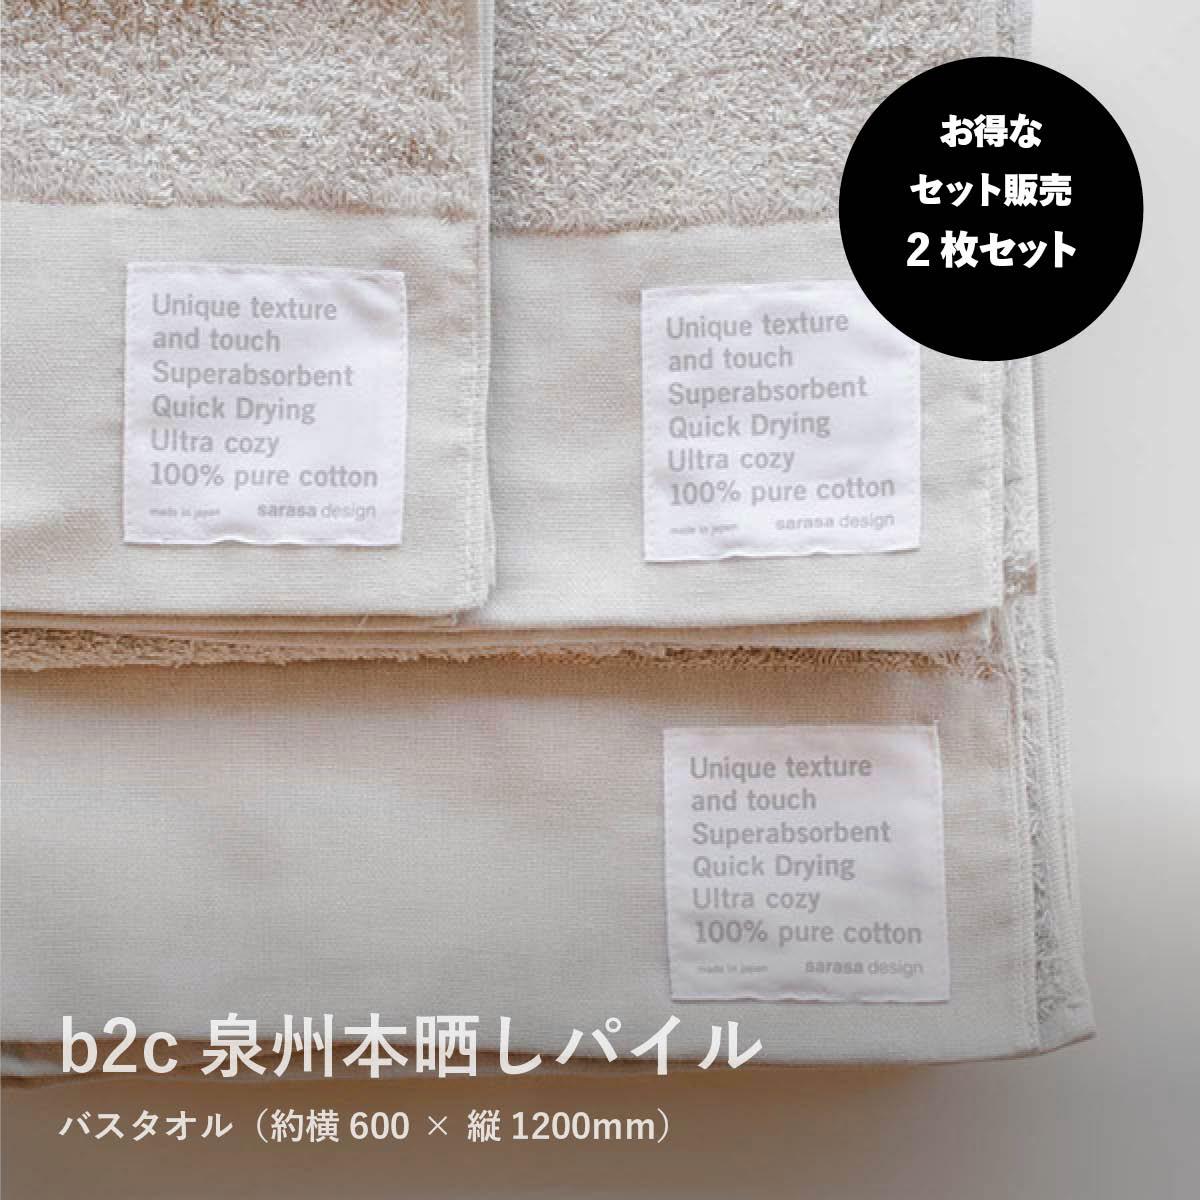 [当店通常価格¥5,400|お得なセット販売●b2c泉州・本晒しパイル バスタオル 2枚セット(約横600 × 縦1200mm)]